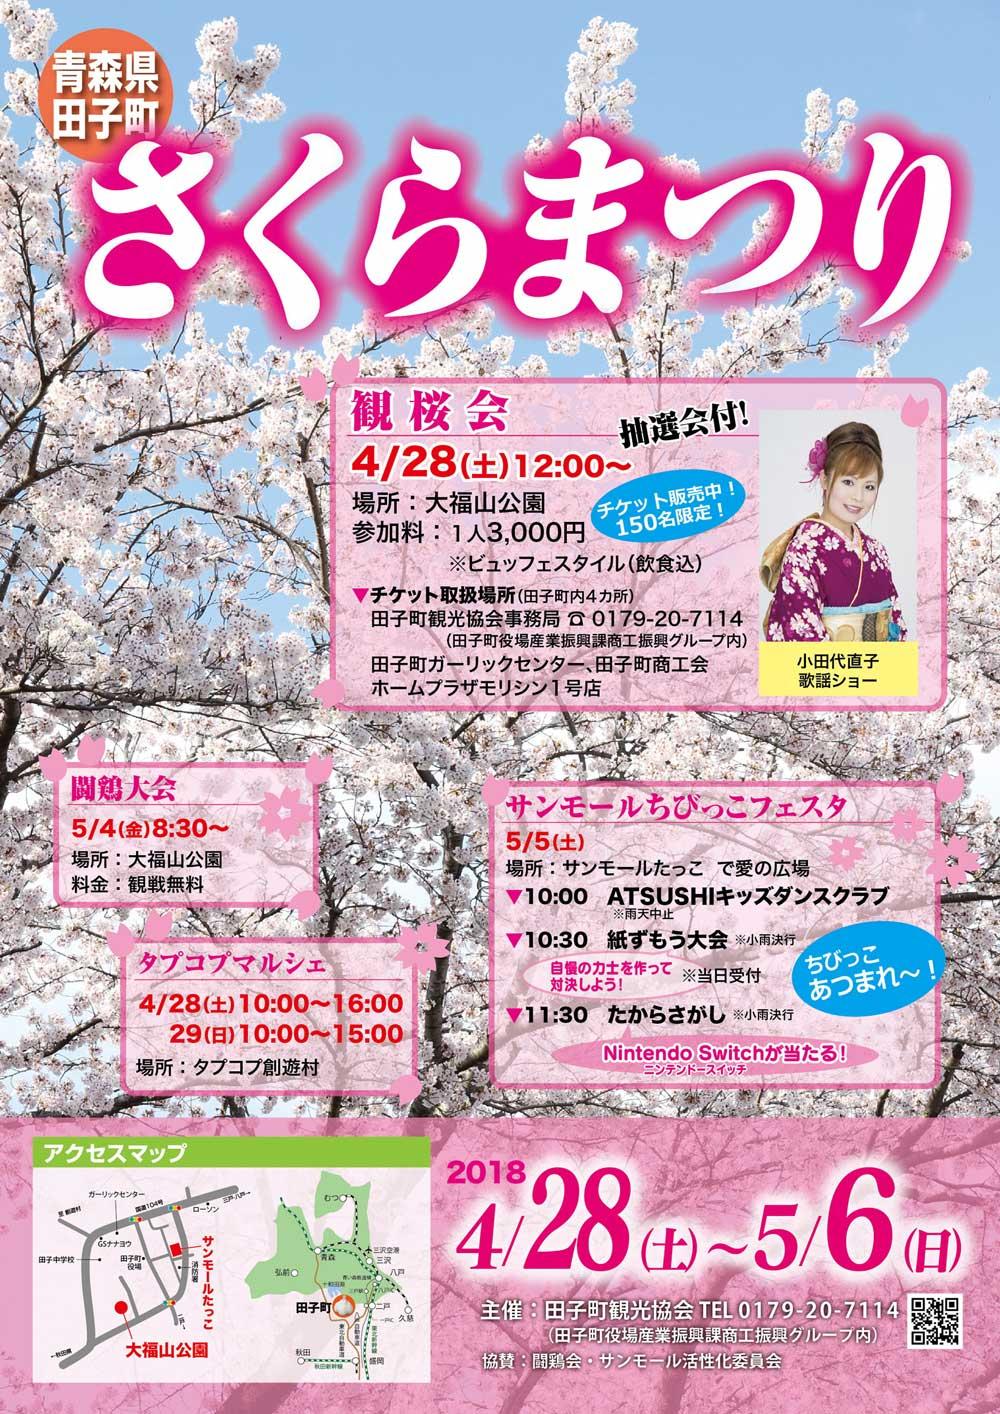 田子町さくらまつり 4/28~5/6開催